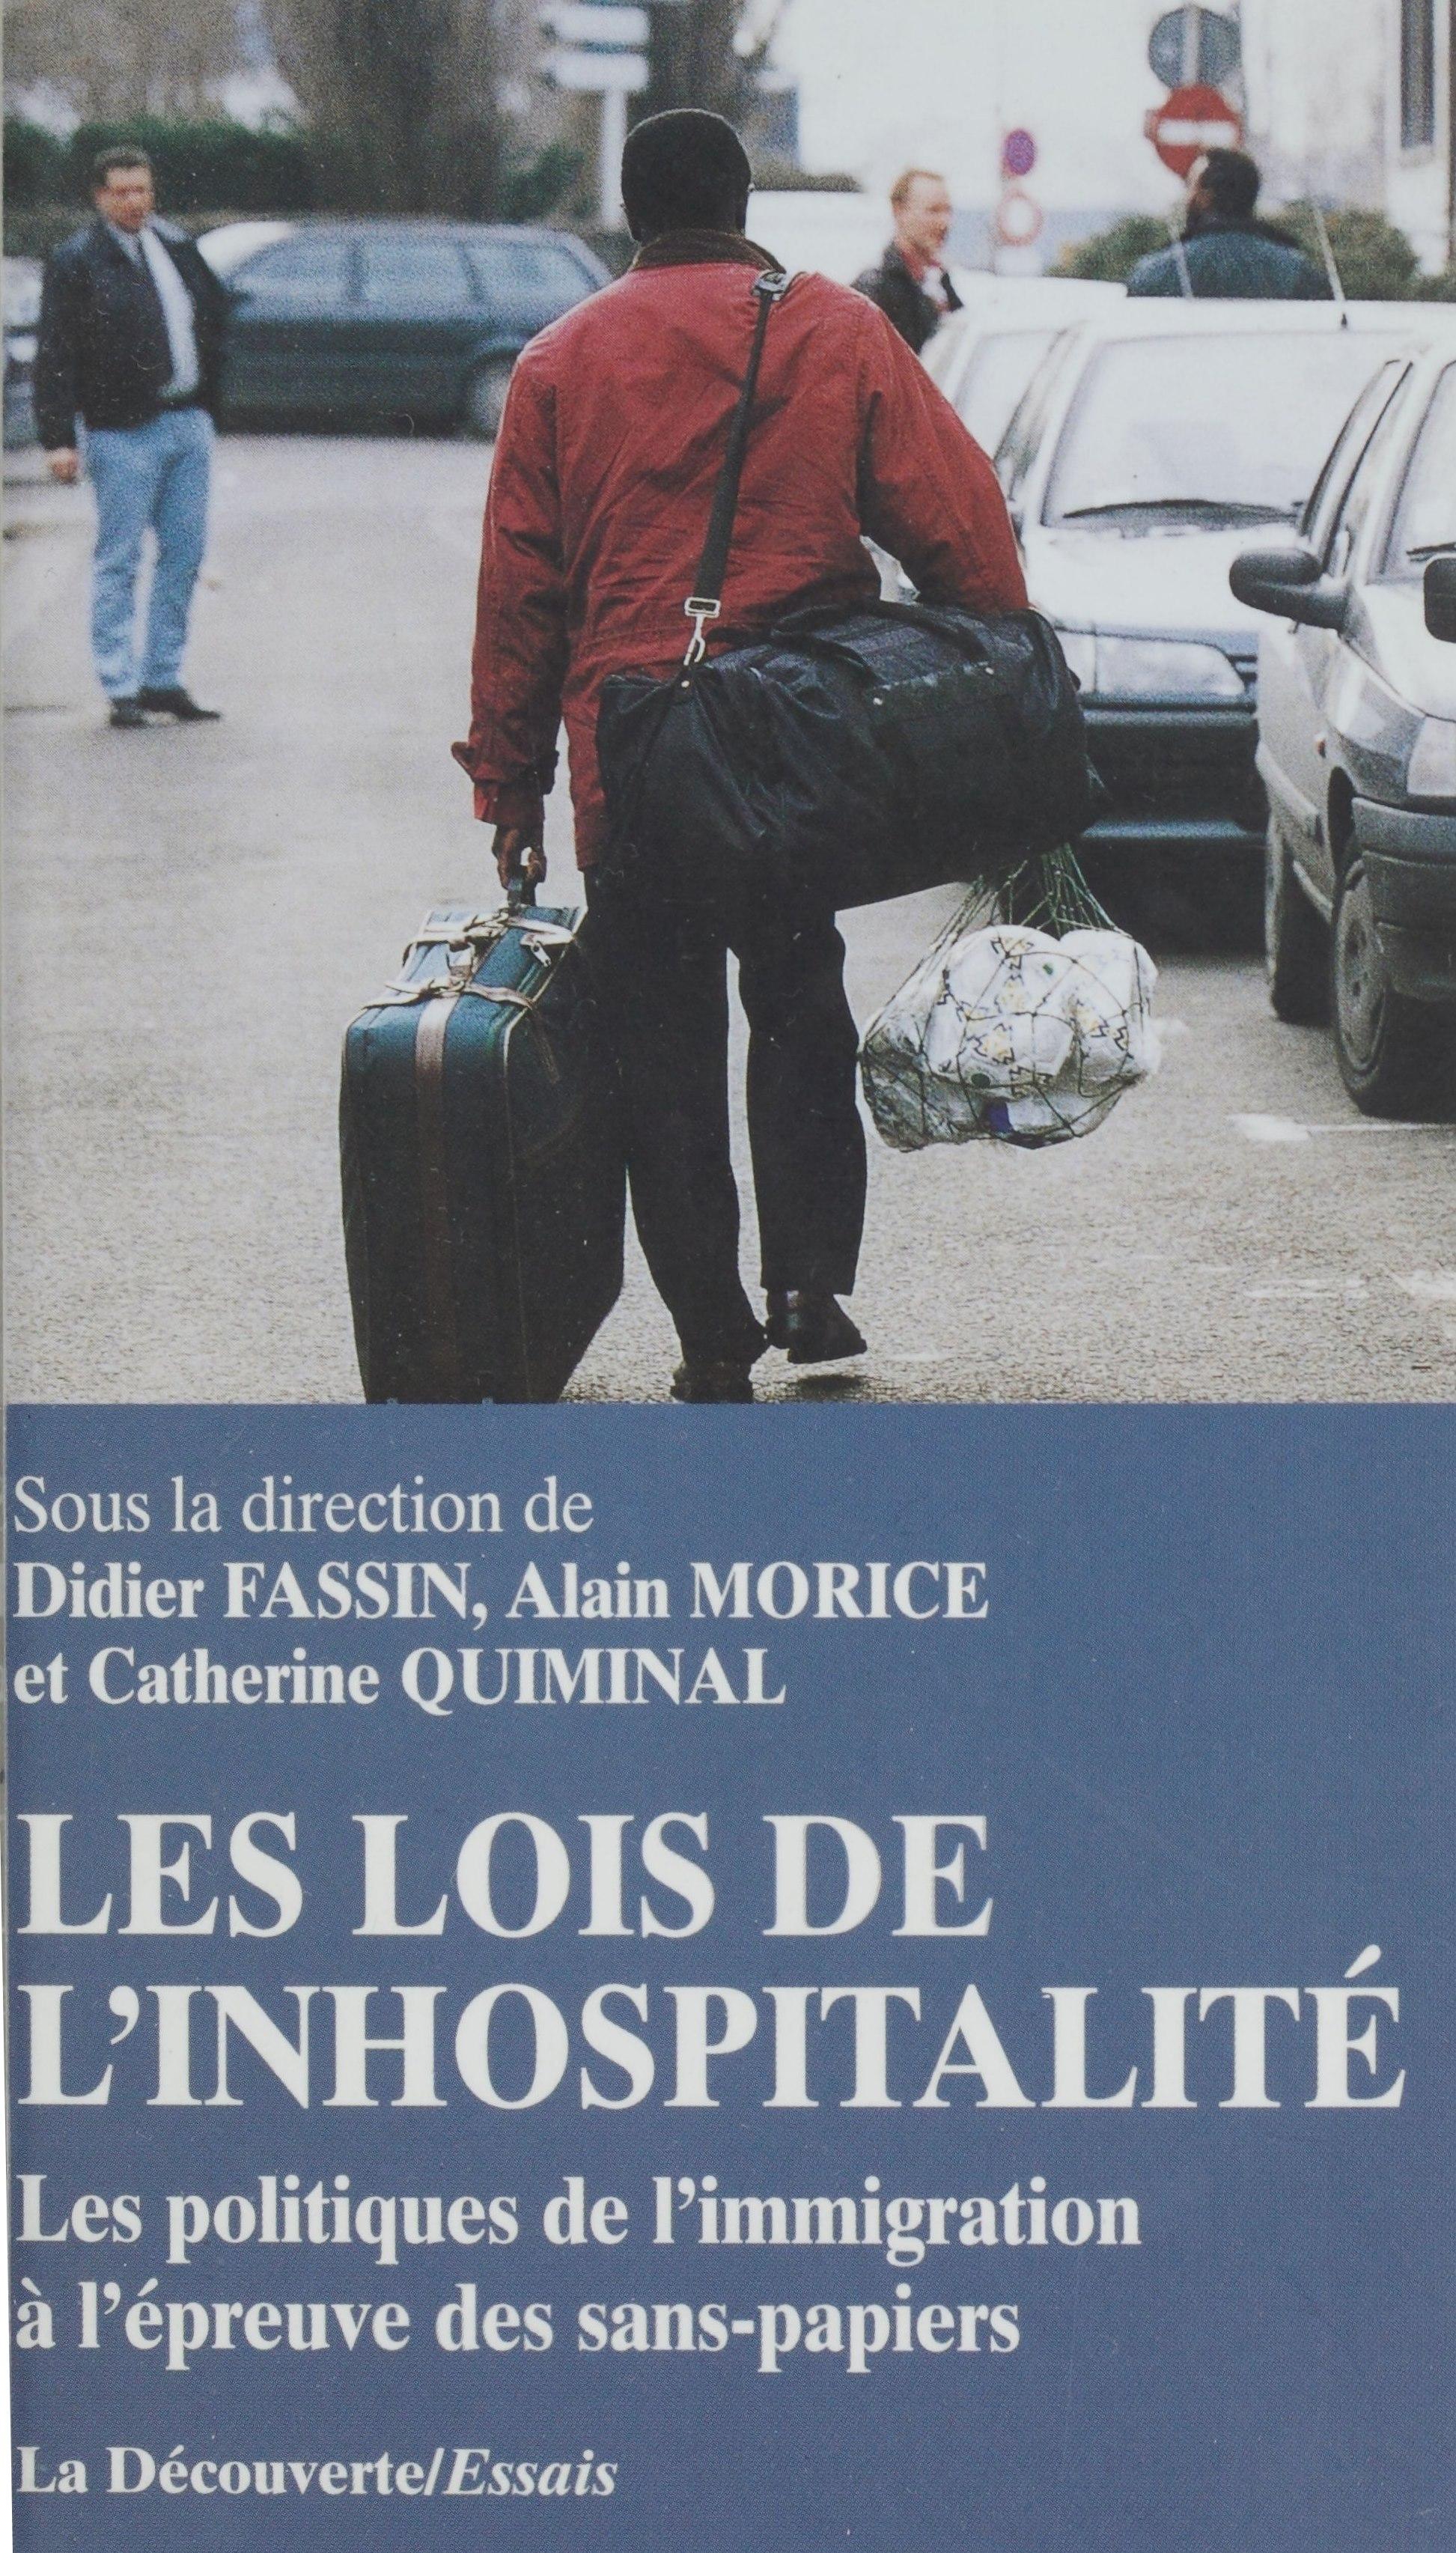 Les Lois de l'inhospitalité | Fassin, Didier